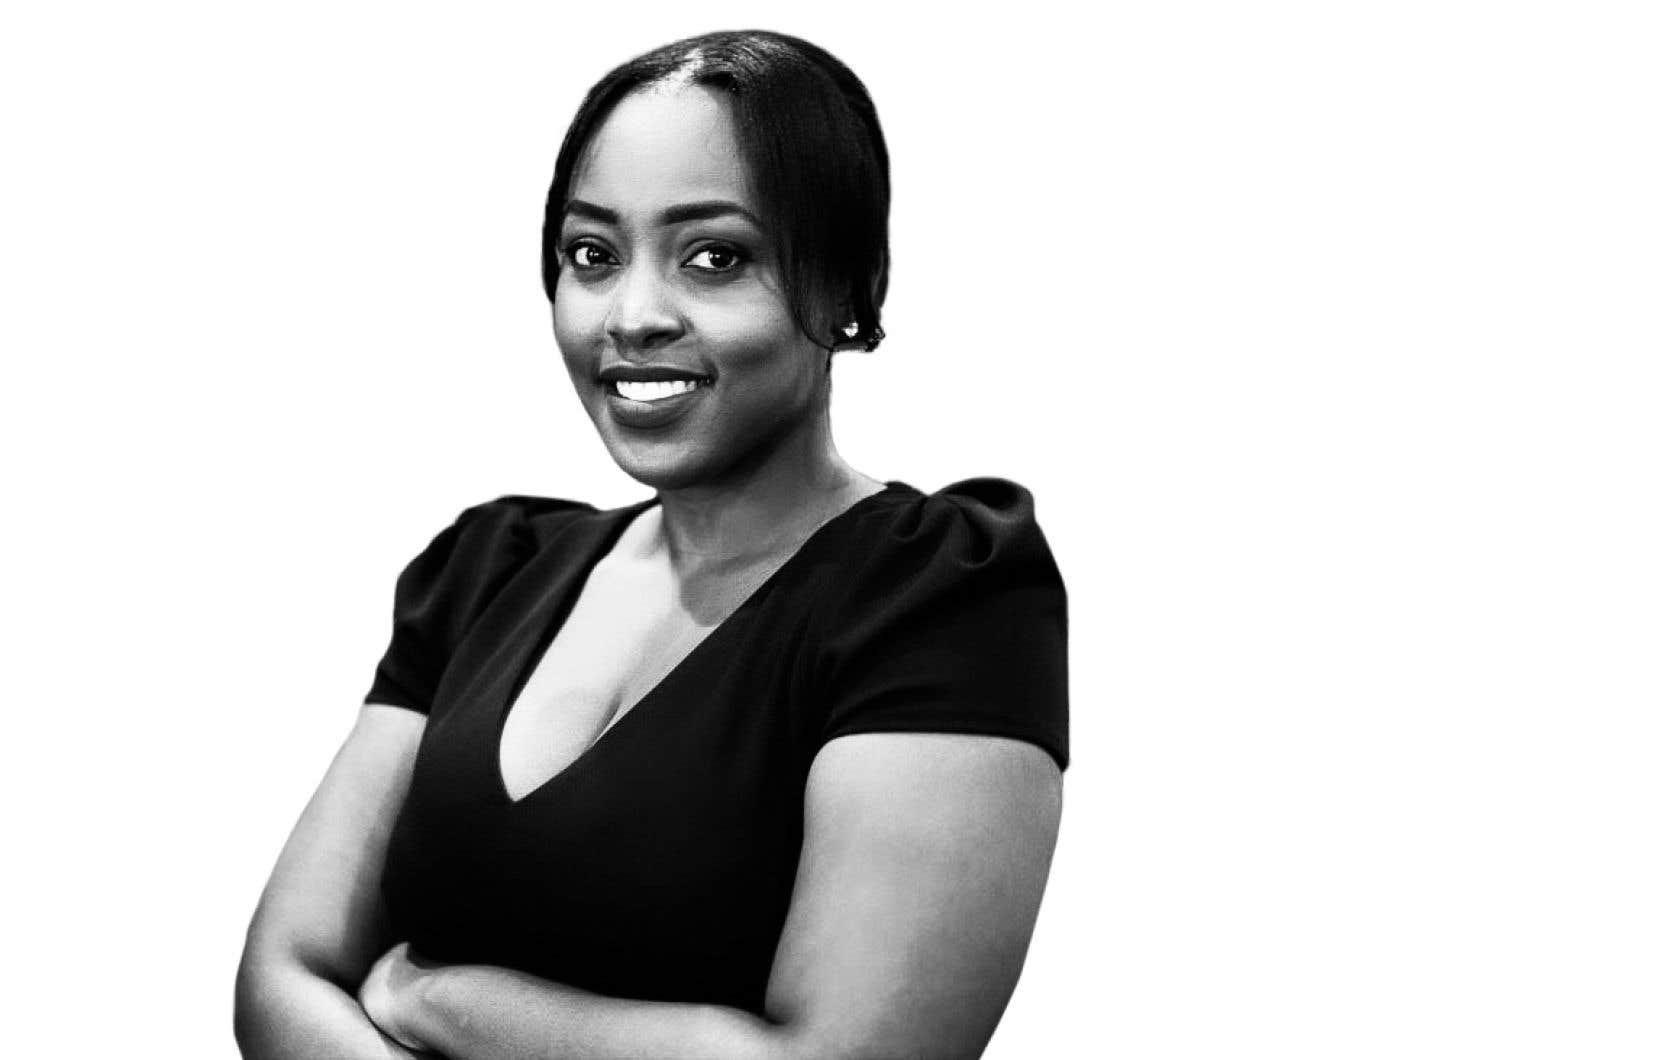 Arielle Kayabaga fait partie de plusieurs minorités à la fois, mais n'en fait pas toute son identité.